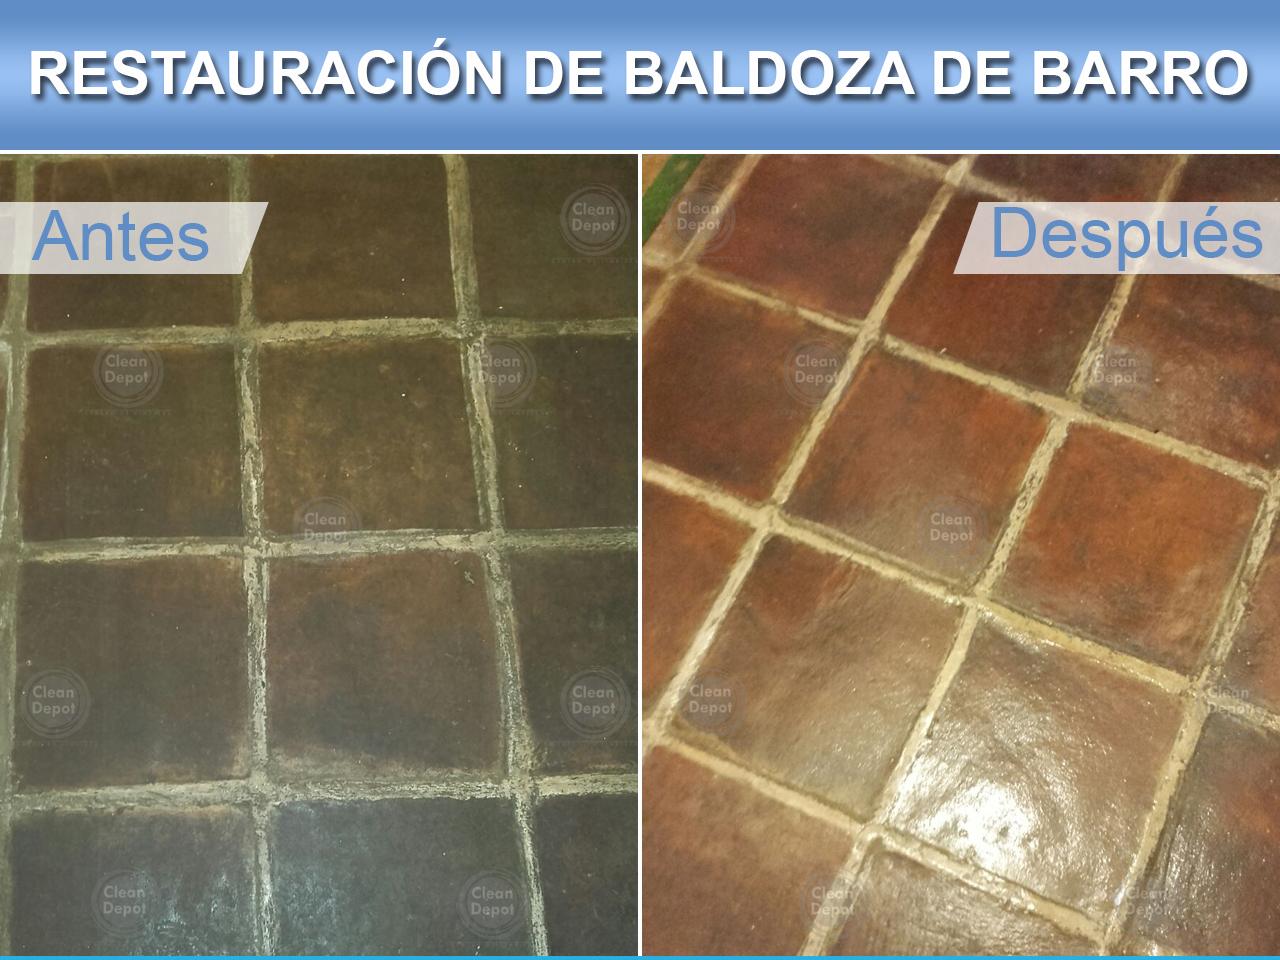 Demostración antes y después piso